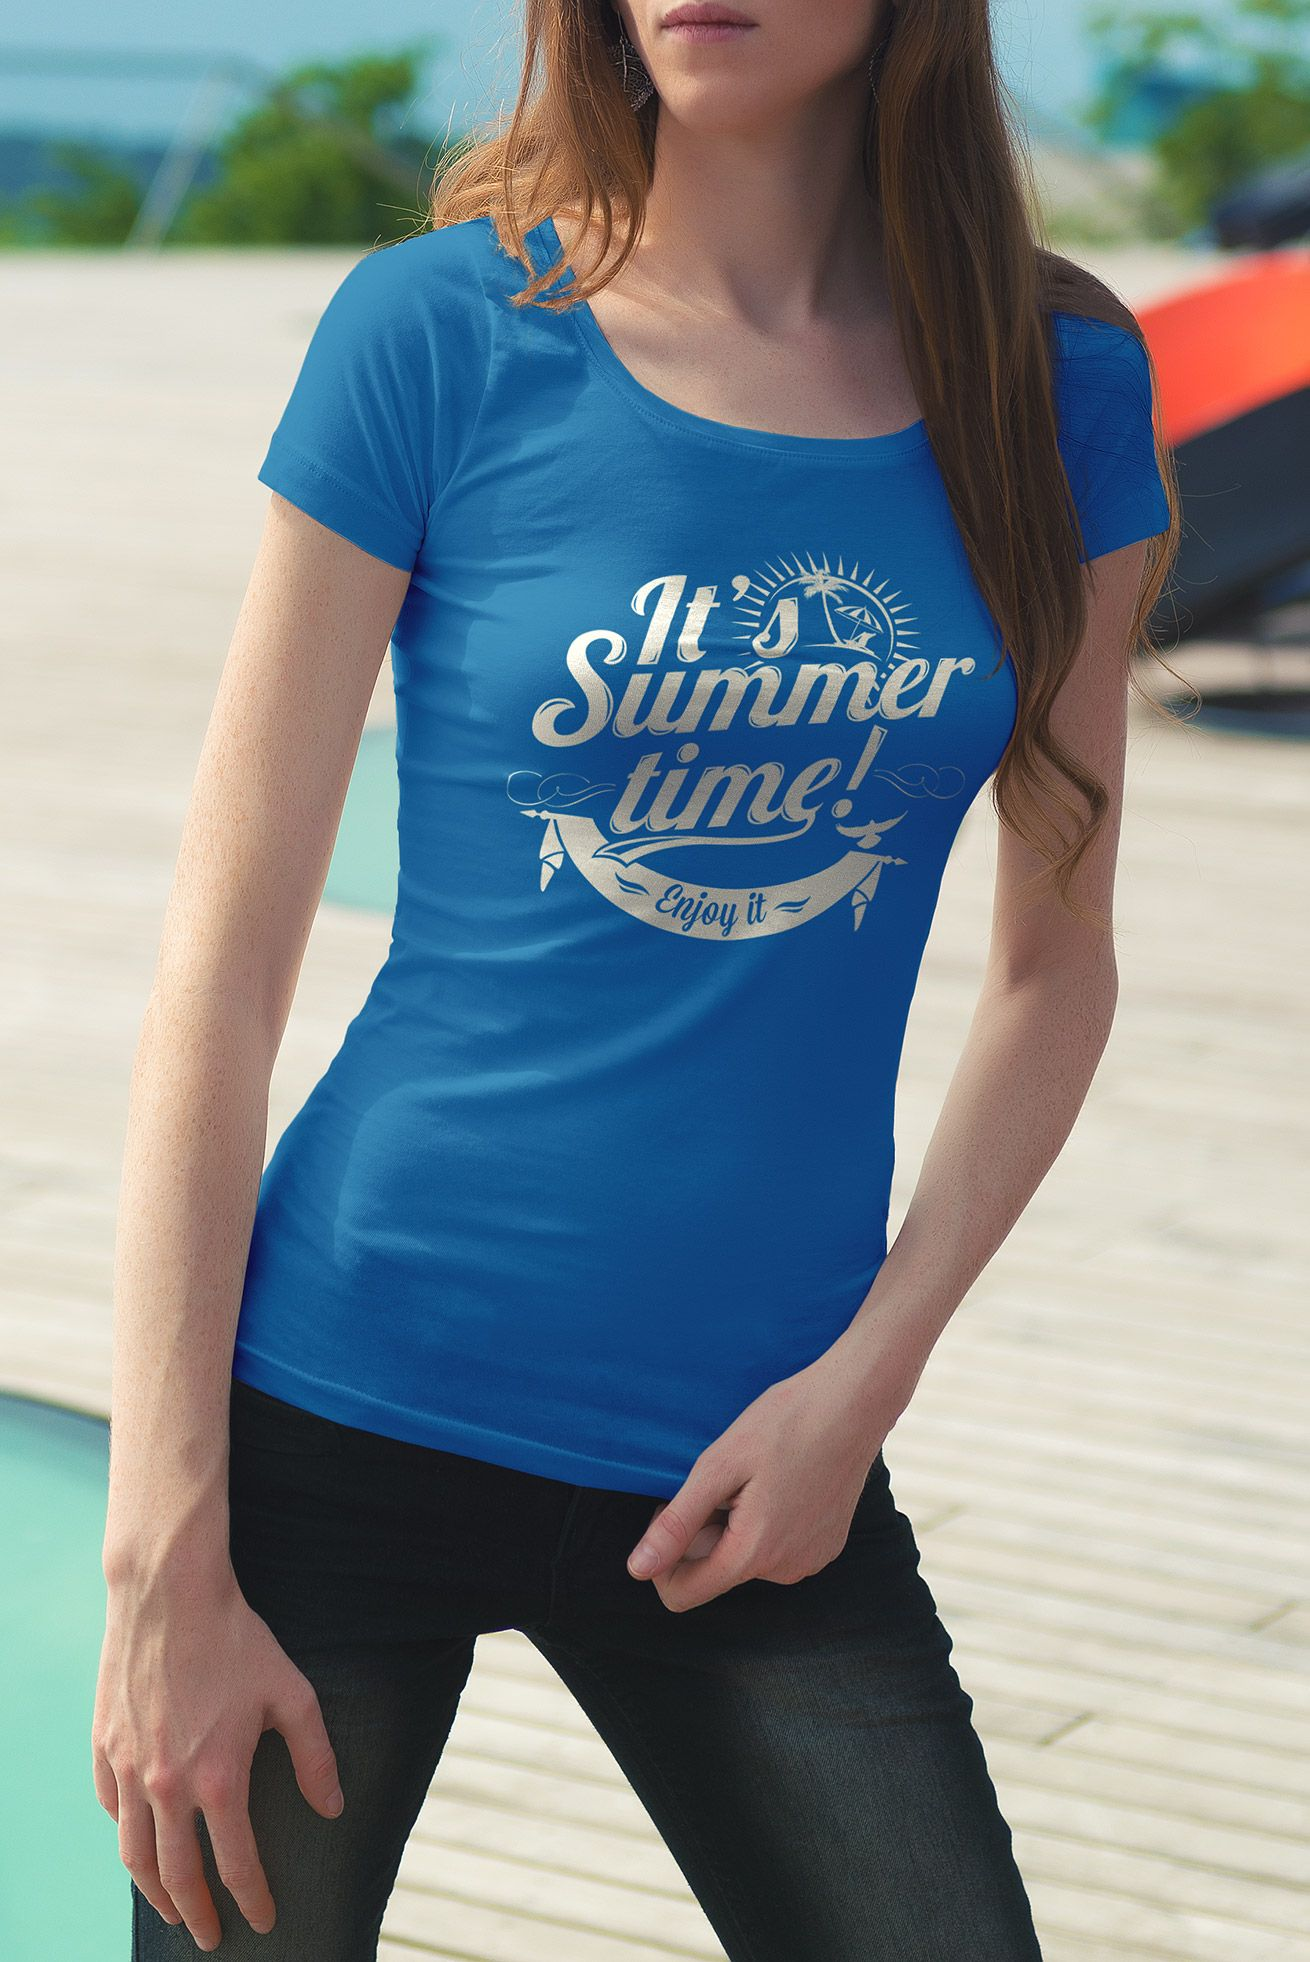 Download T Shirt Mockup Urban Edition Clothing Mockup Shirt Mockup Colorful Shirts